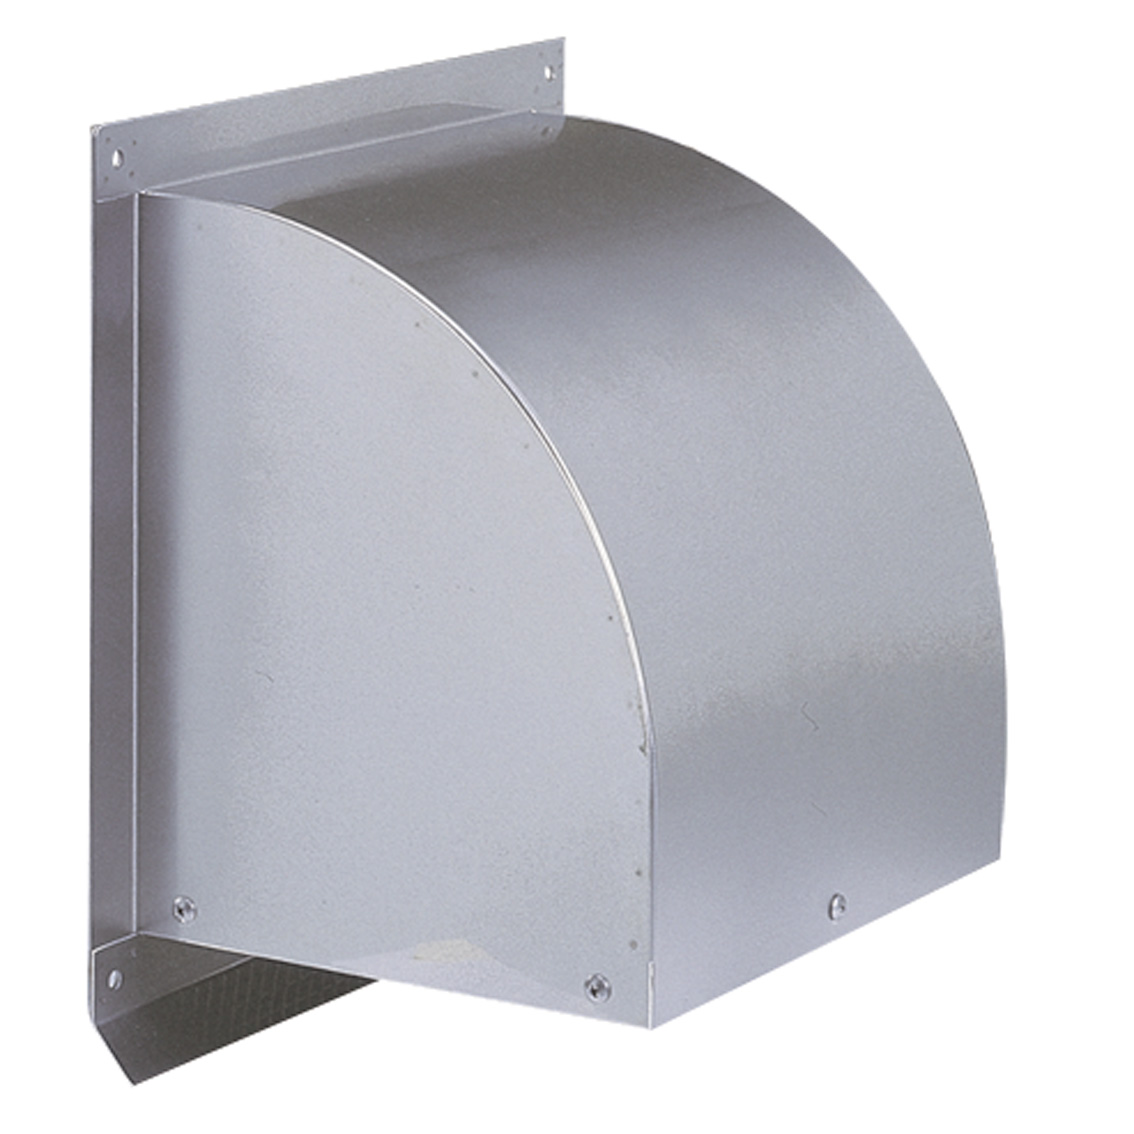 西邦工業 SEIHO WC650S 外壁用ステンレス製換気口 (ウエザーカバー) 金網型3メッシュ 大口径